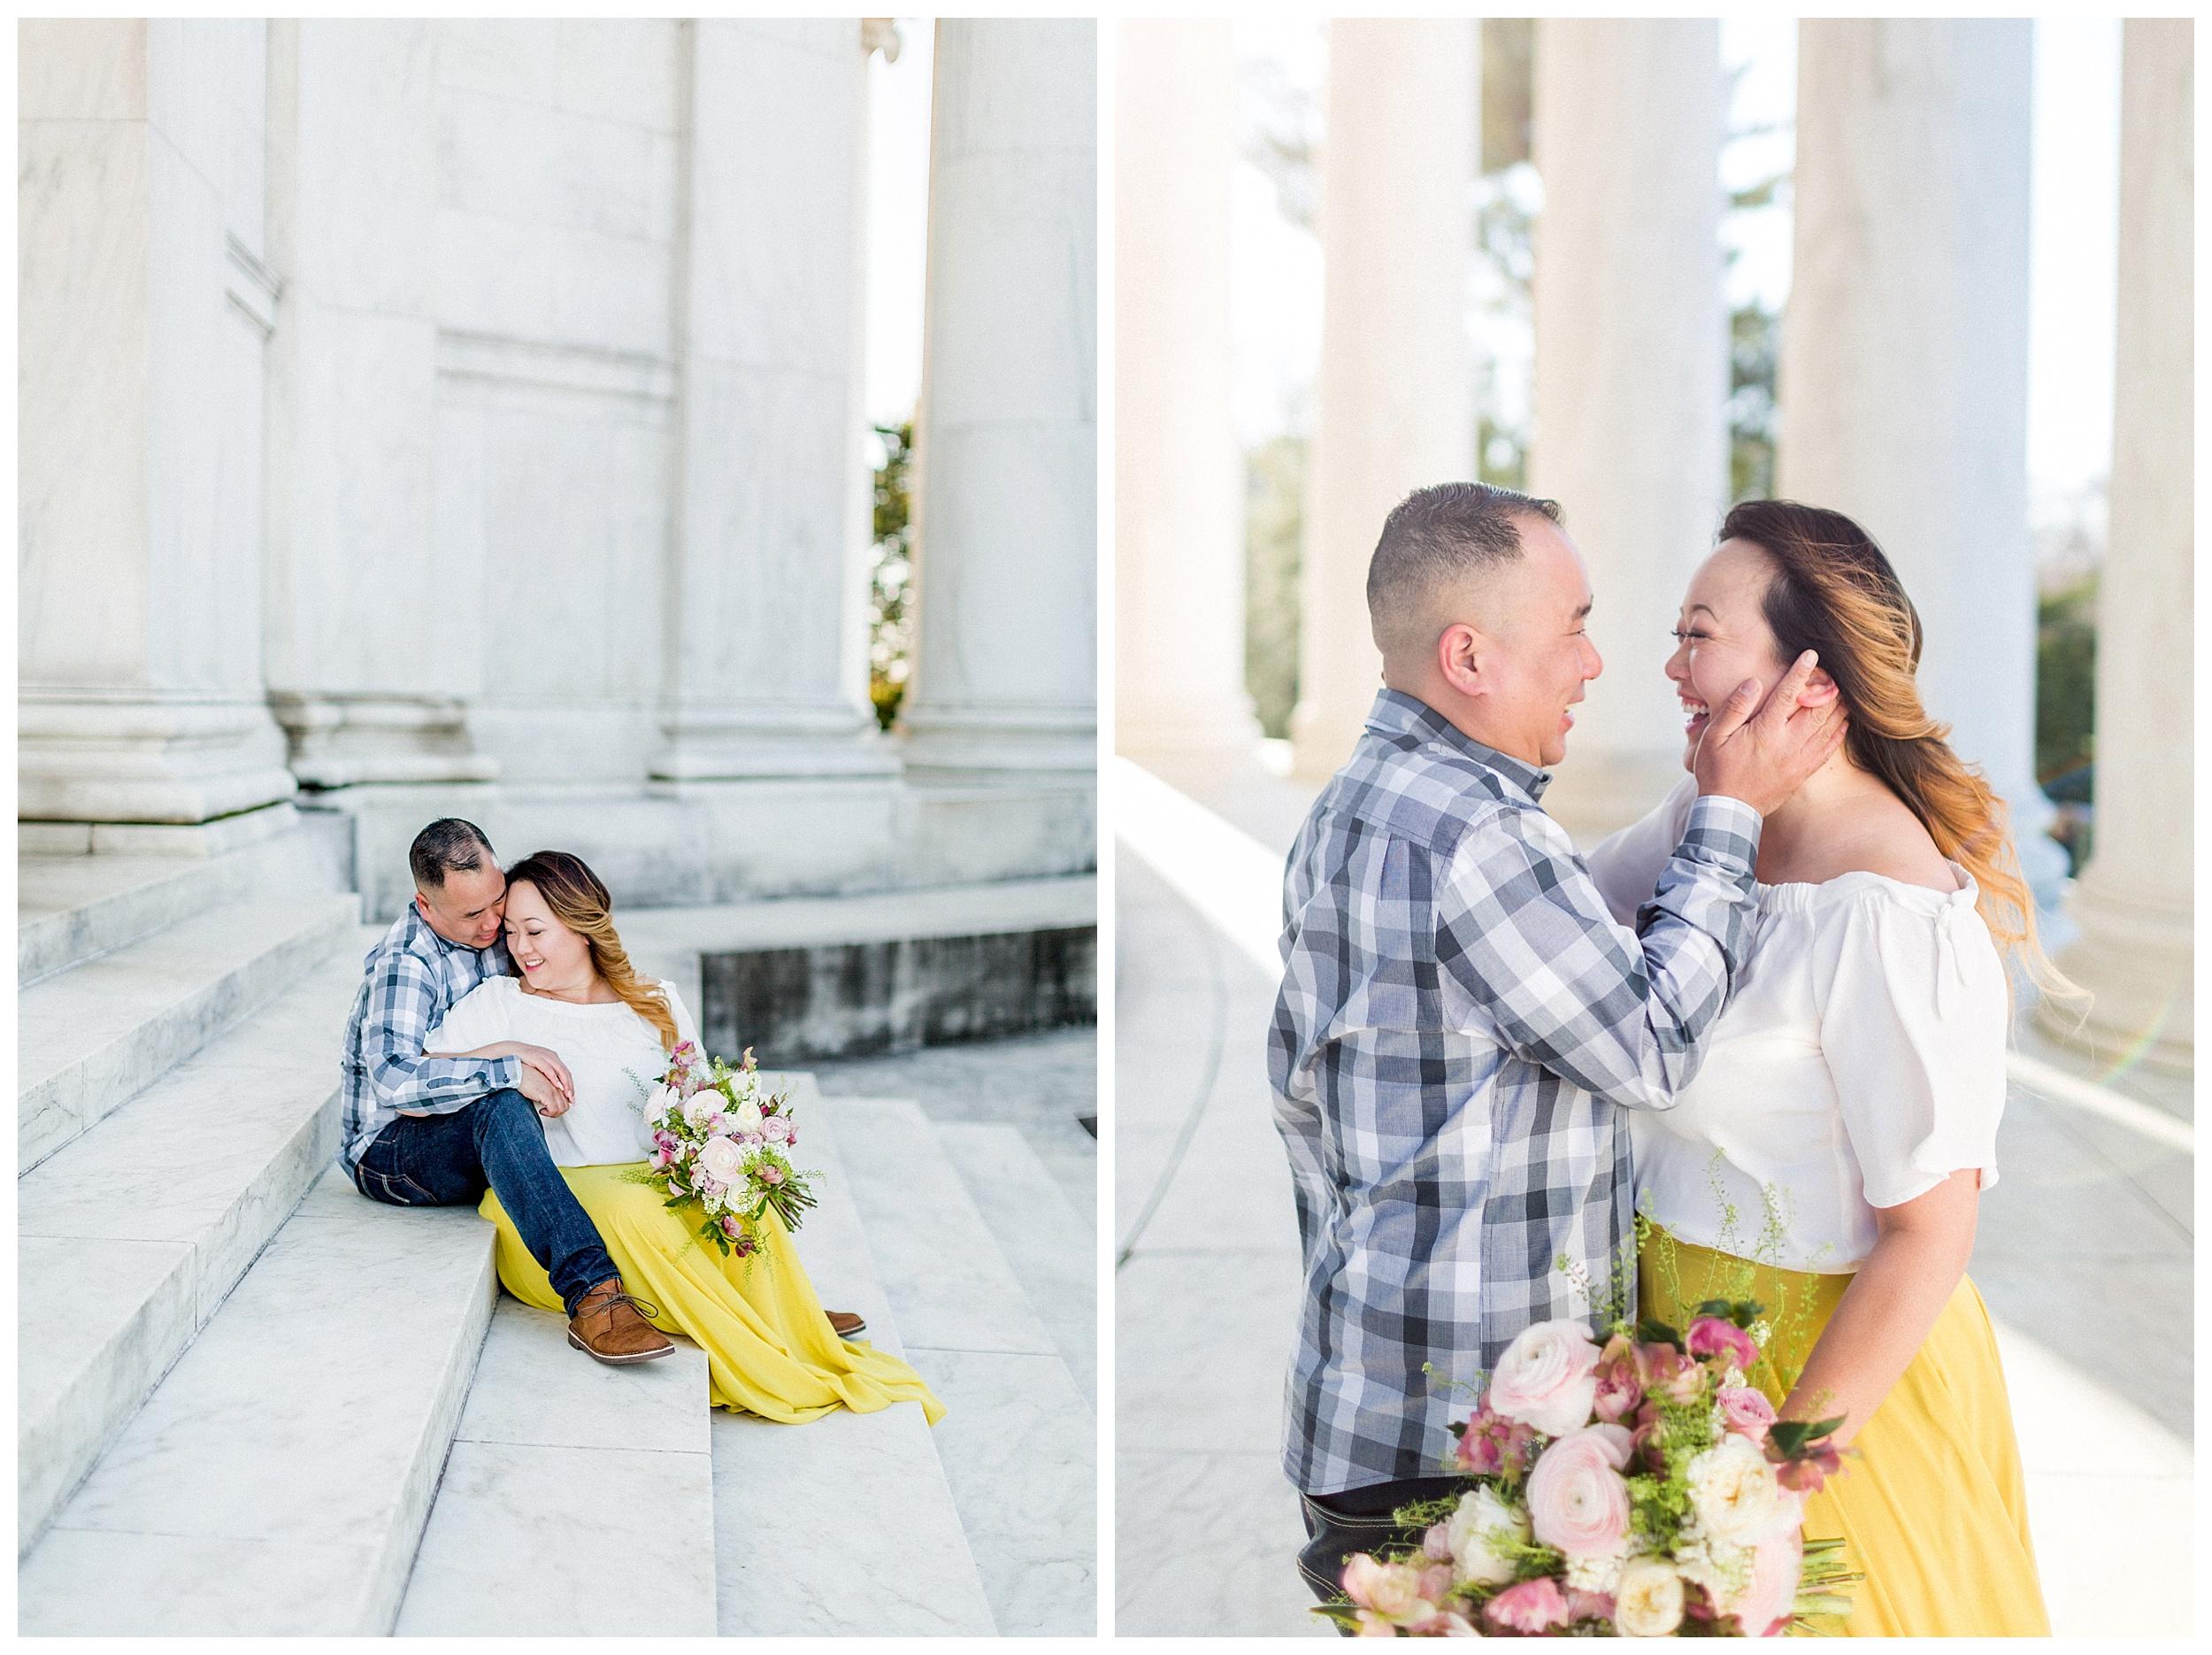 Washington DC Engagement Photos | Thomas Jefferson Engagement Session_0016.jpg